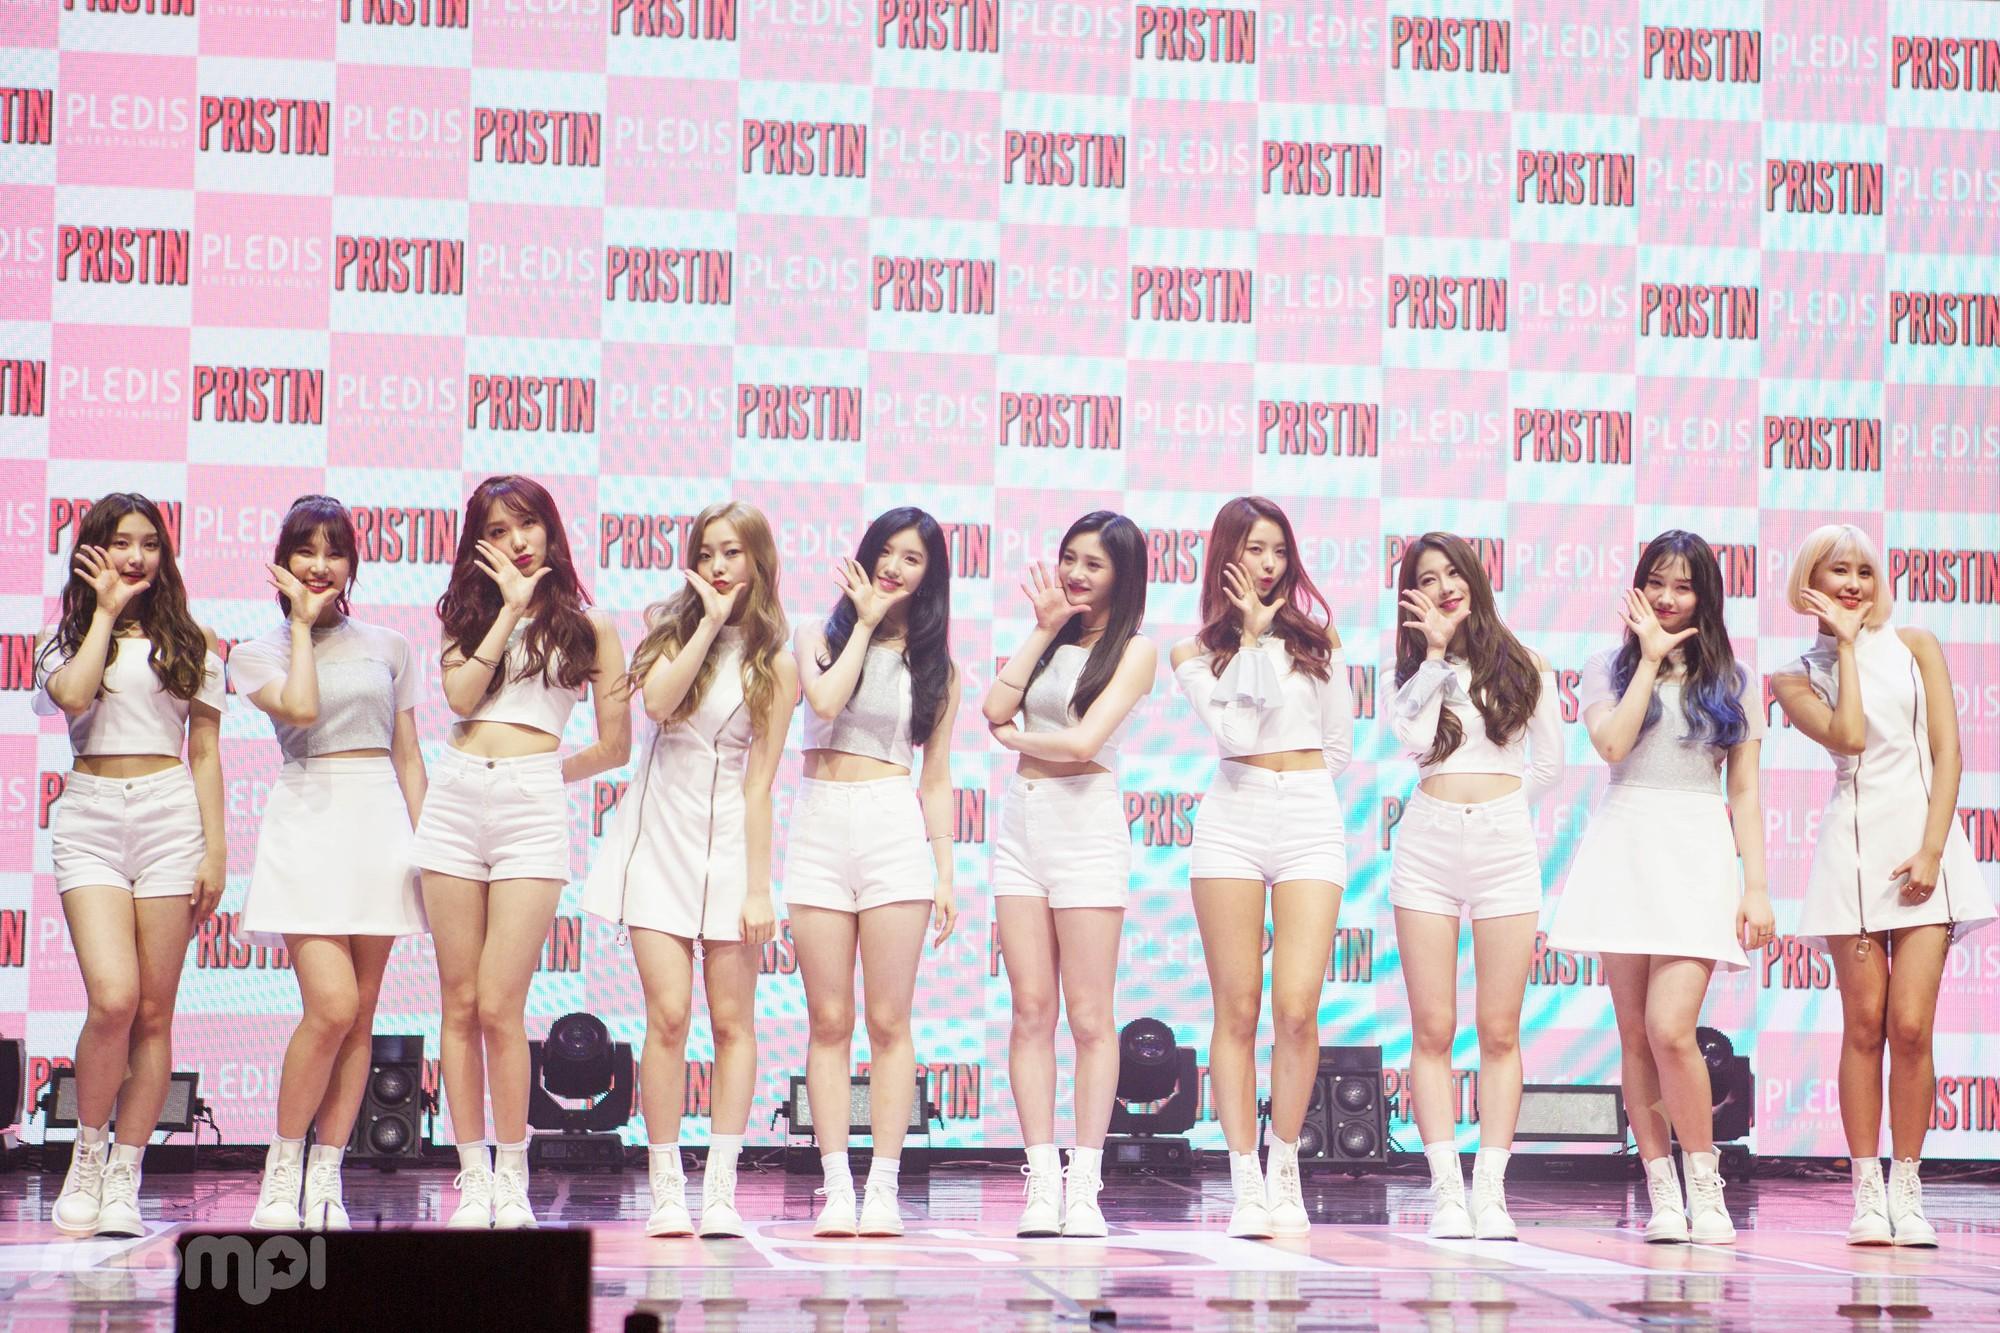 Bạn có biết: Đúng 2 năm trước, nhóm nữ toàn thí sinh Produce 101 ra đời nhưng nay biến mất siêu bí ẩn - Ảnh 3.